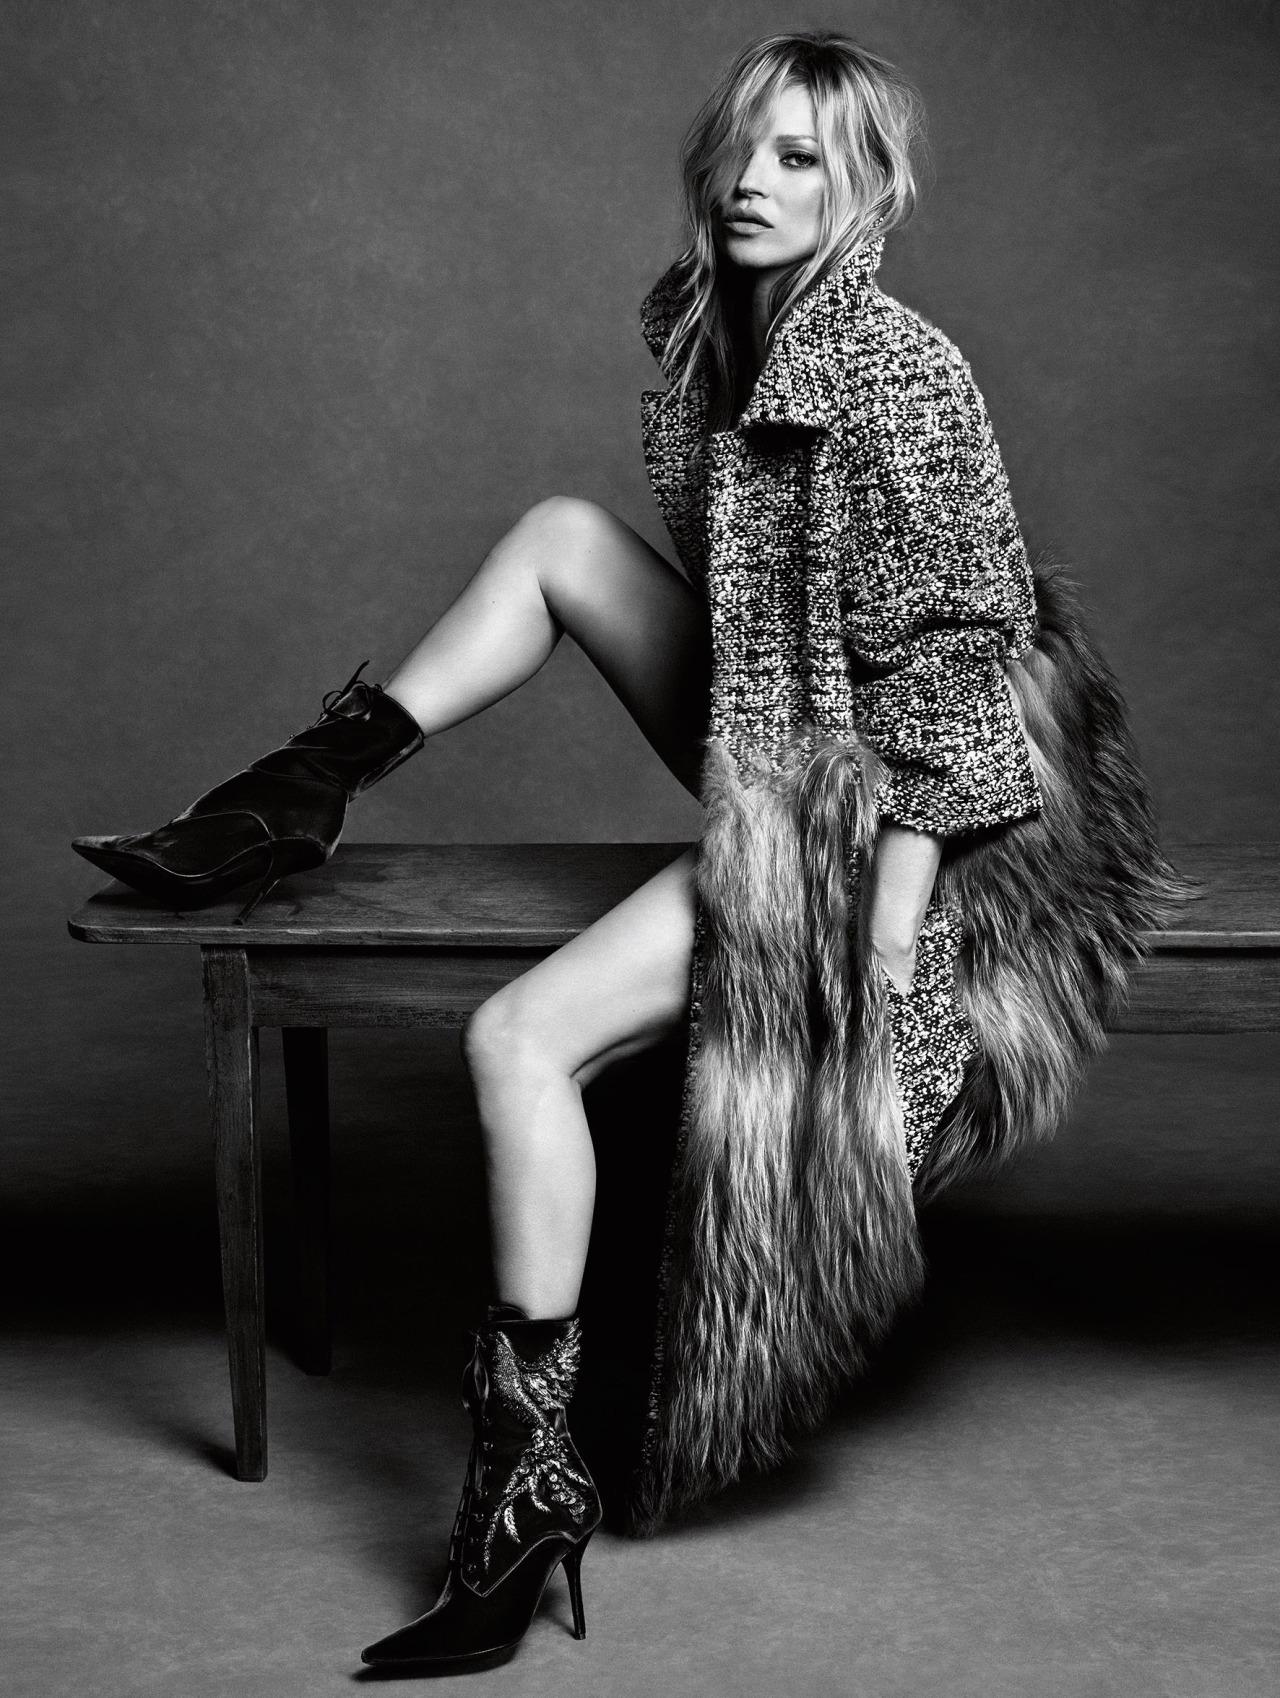 Kate Moss for Alberta Ferretti's fall campaign.